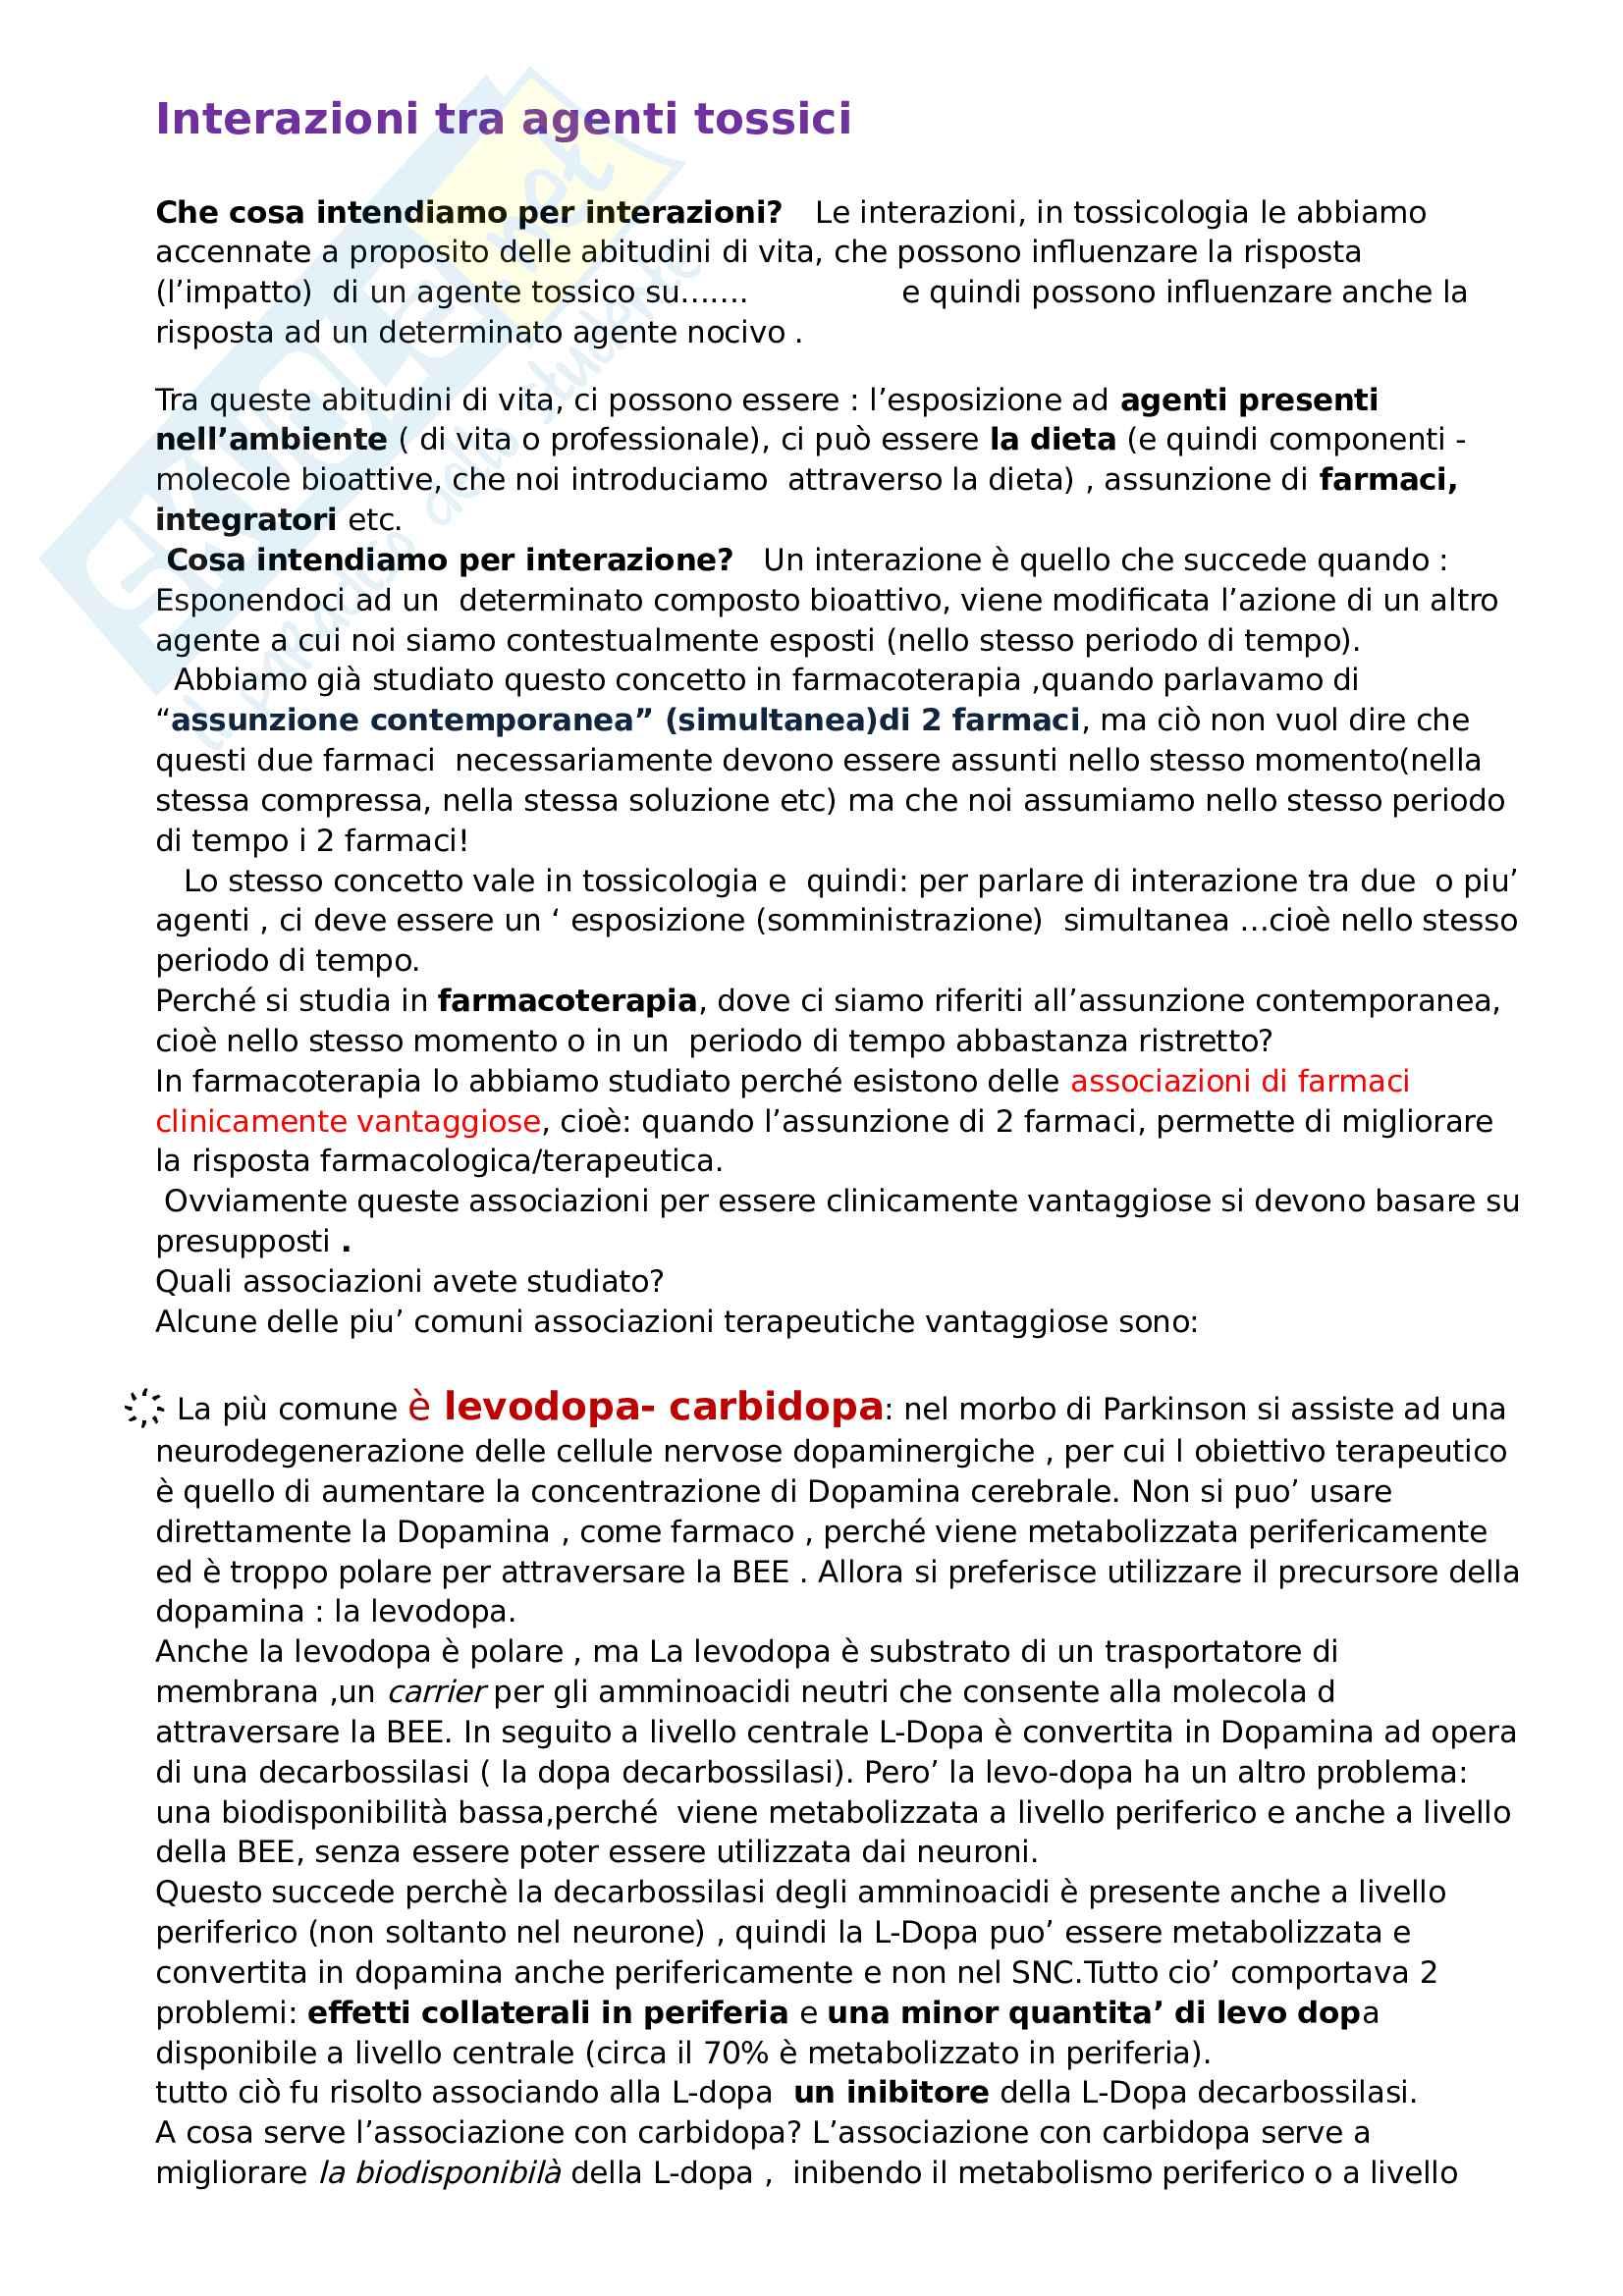 Interazioni tra agenti tossici:classificazione delle interazioni ed esempi (carbidopa / levodopa, ace inibitore e diuretico, Metotrexato / ac. folico....) - TOSSICOLOGIA -